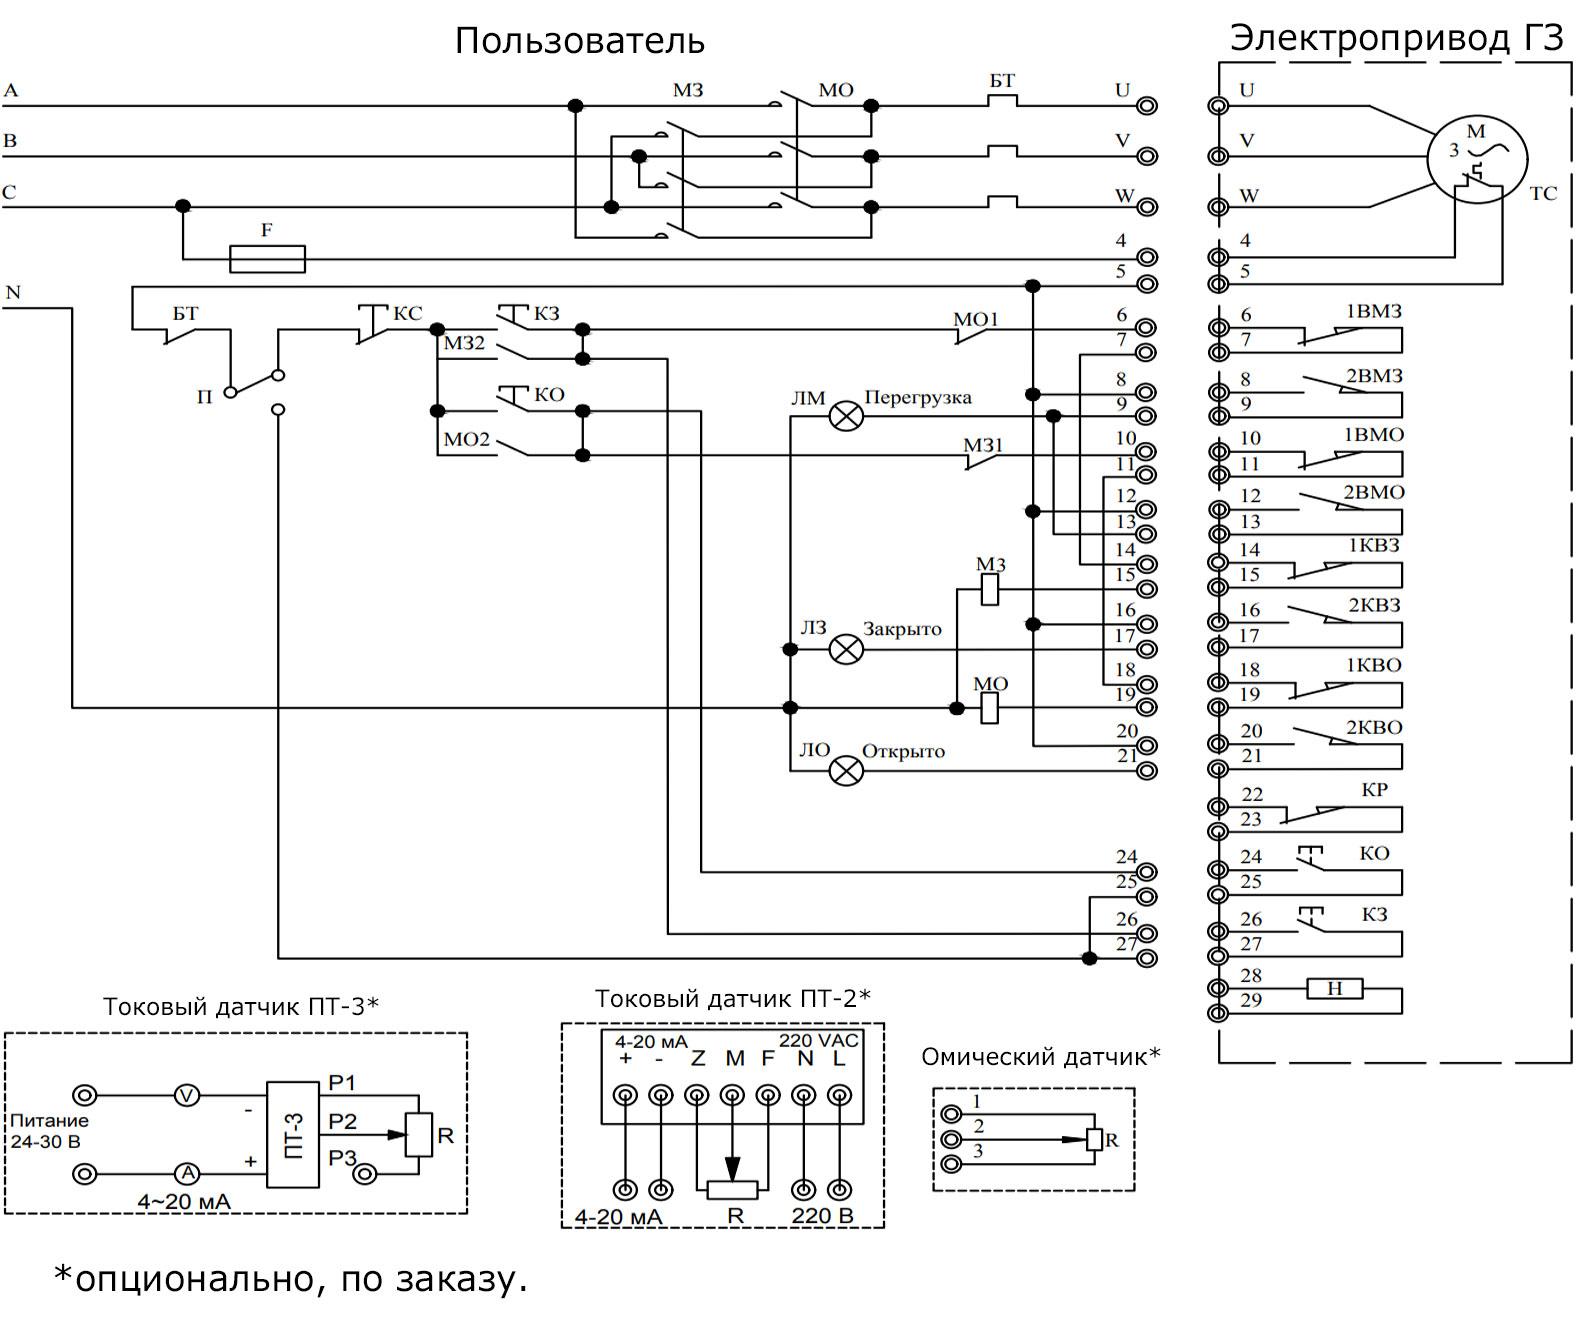 Принципиальная схема подключения для электроприводов серии ГЗ-А и ГЗ-Б